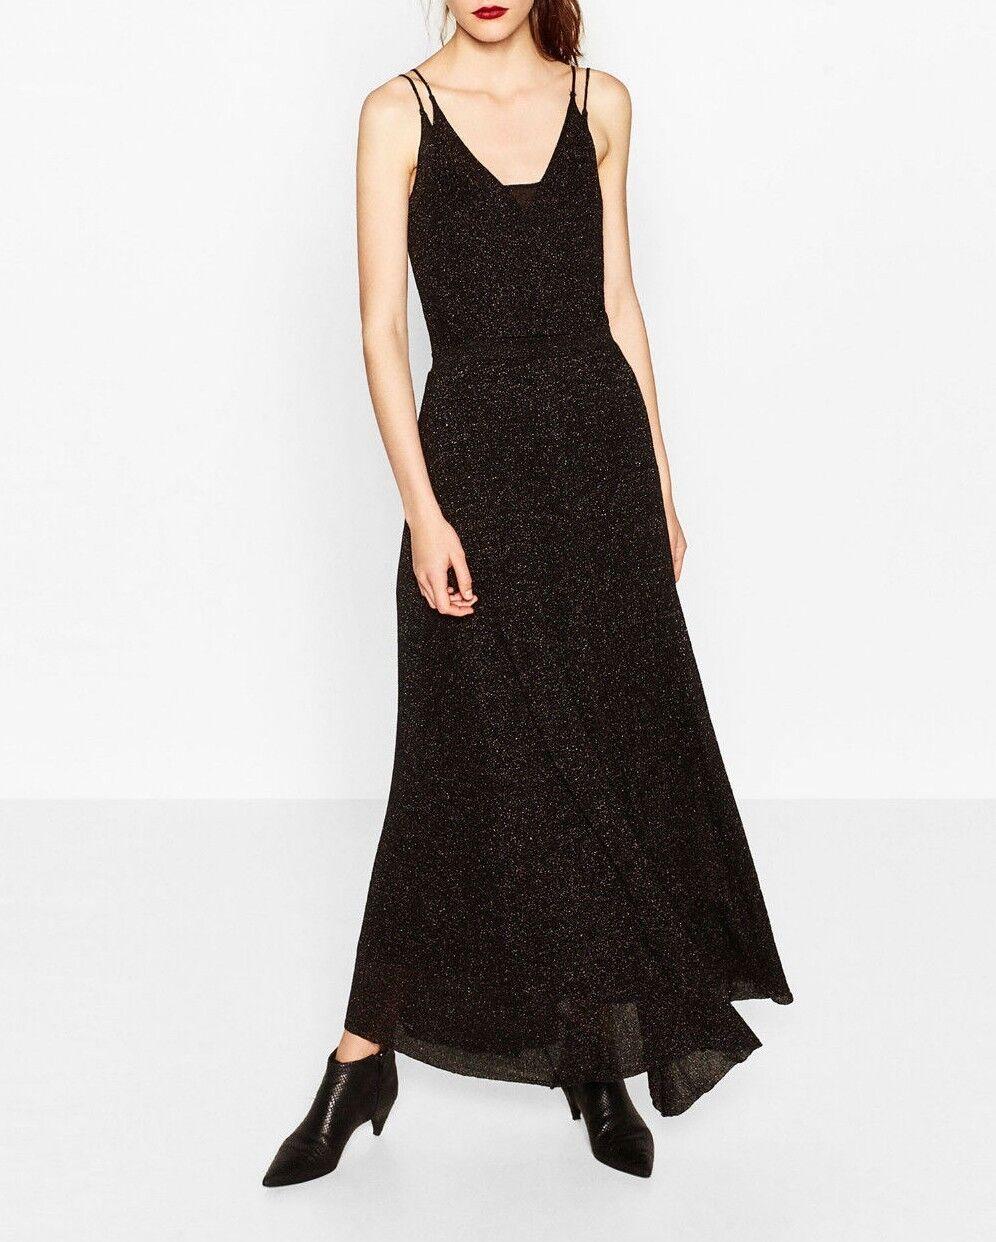 24324566d9e2 Zara nero oro Premium Maxi Vestito Abito a Maglia Strappy knited Dress Long  SHIMMERY nnoucf7054-Vestiti